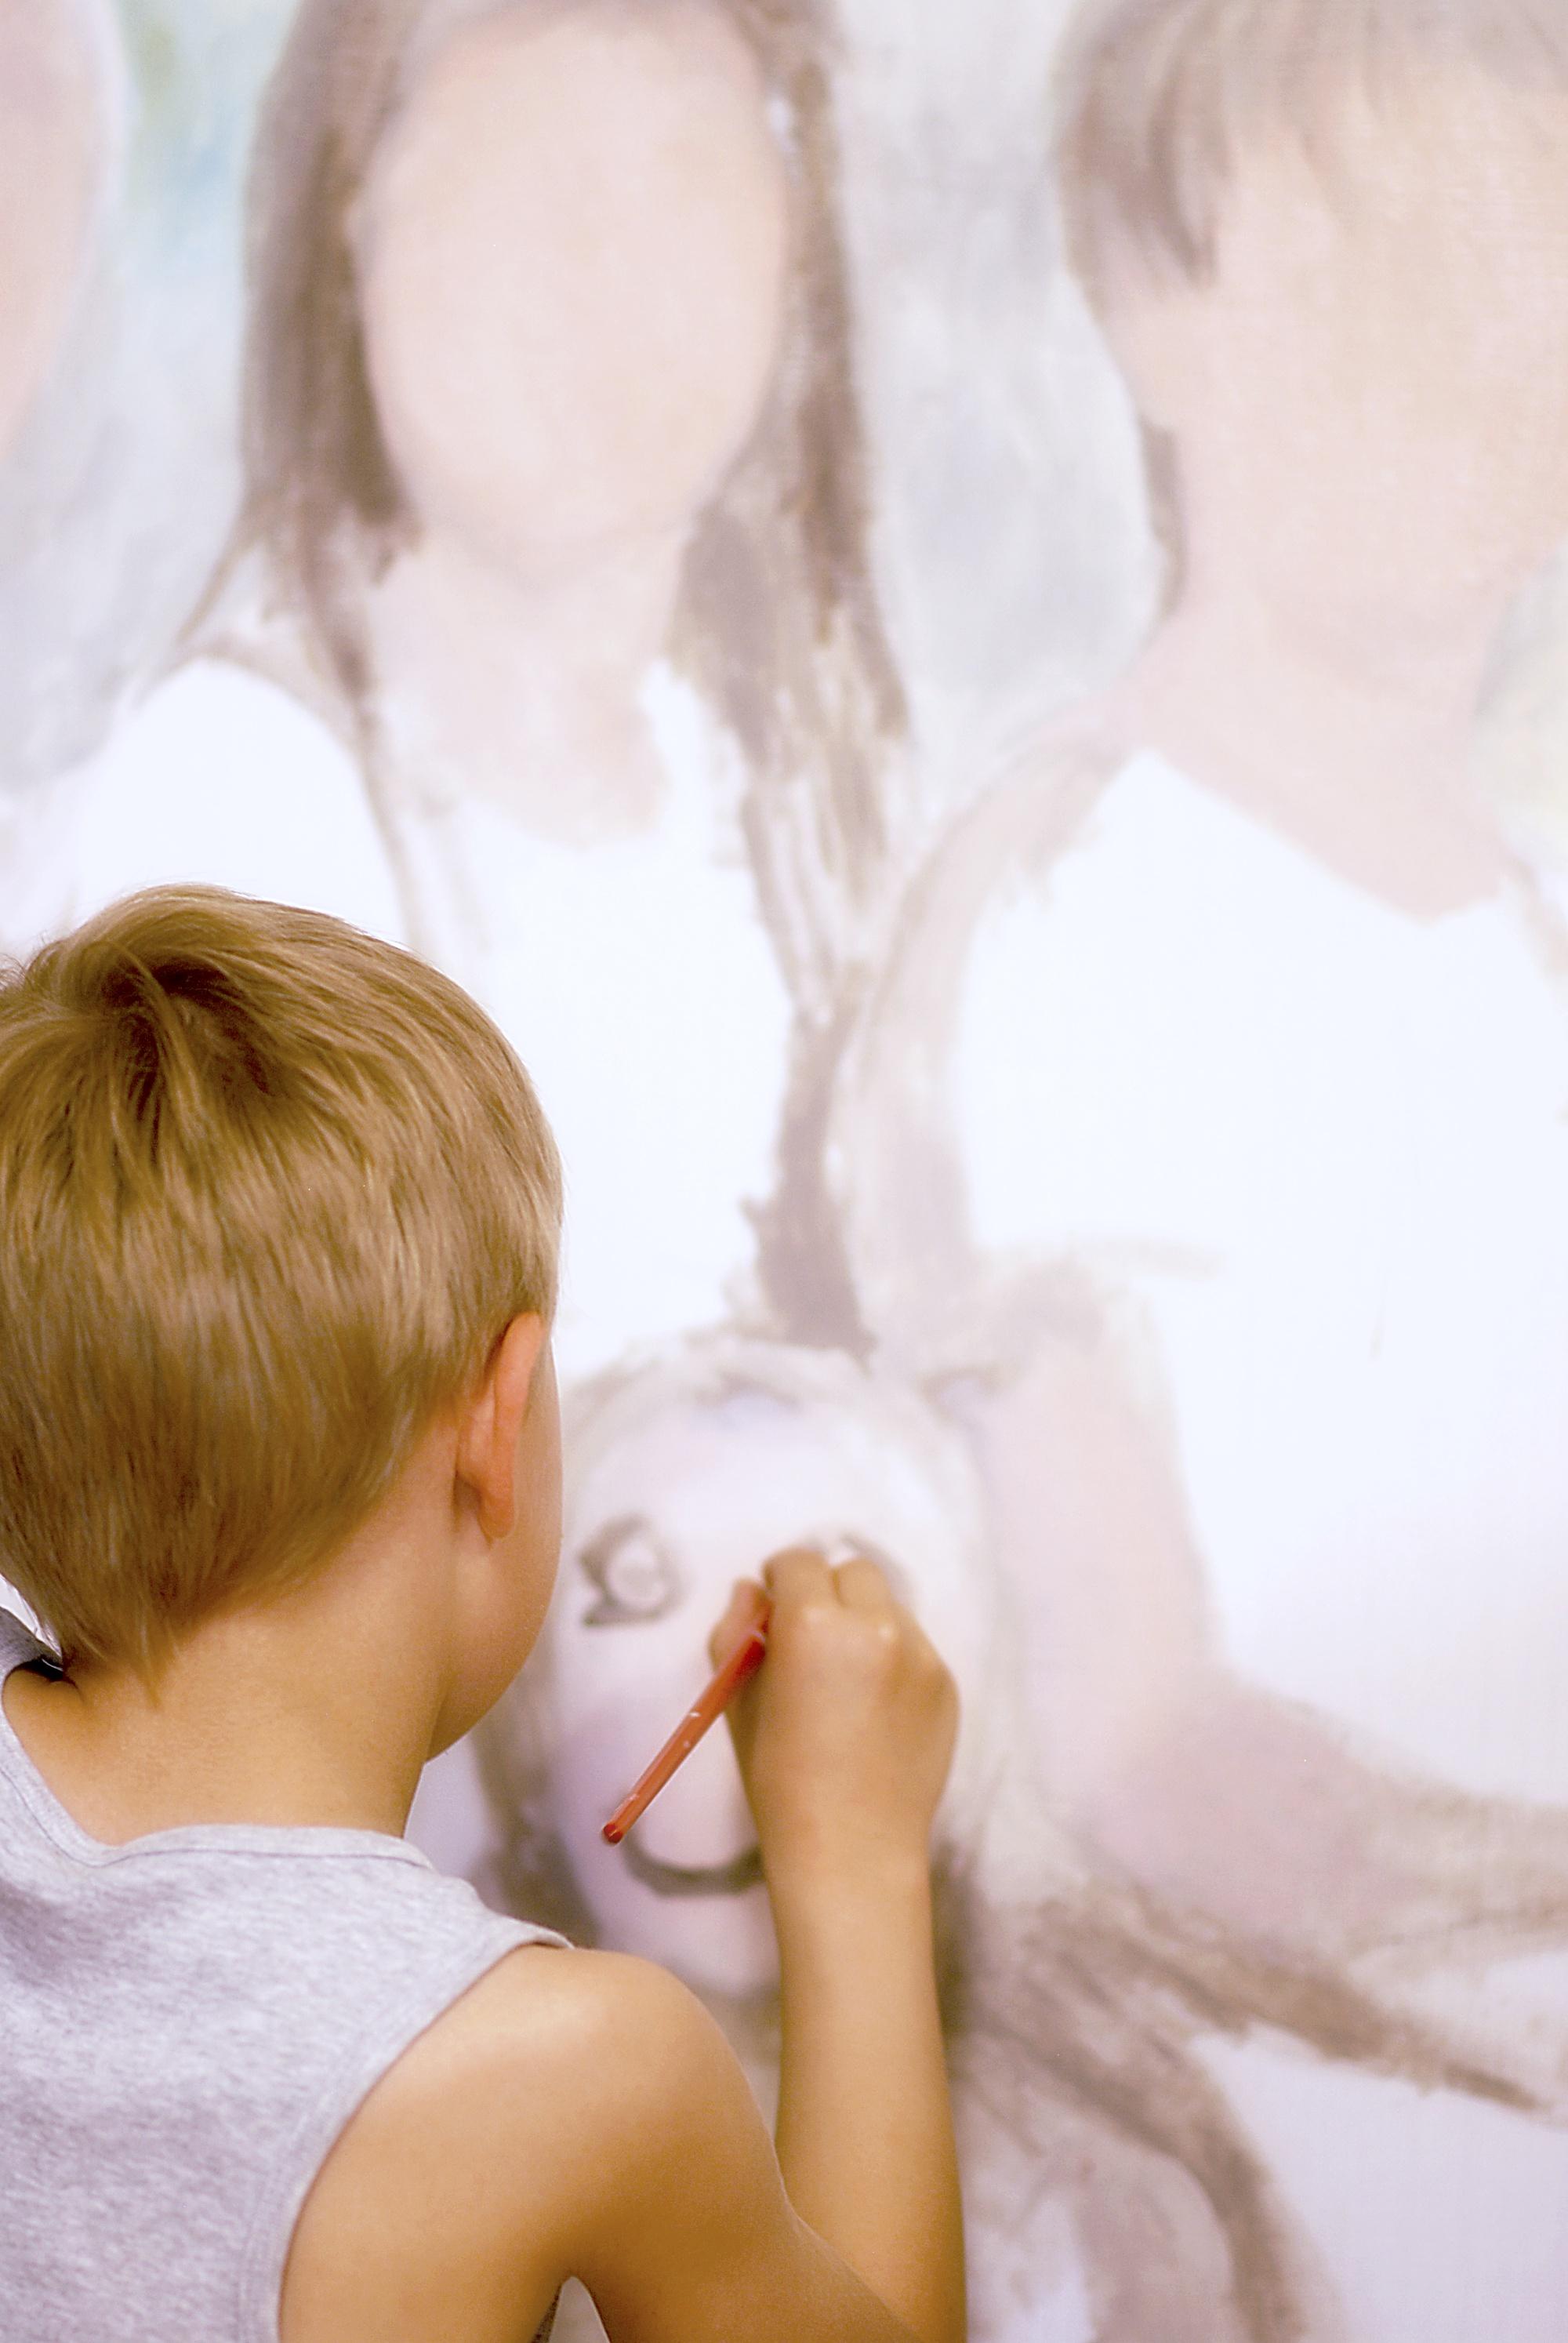 han målar